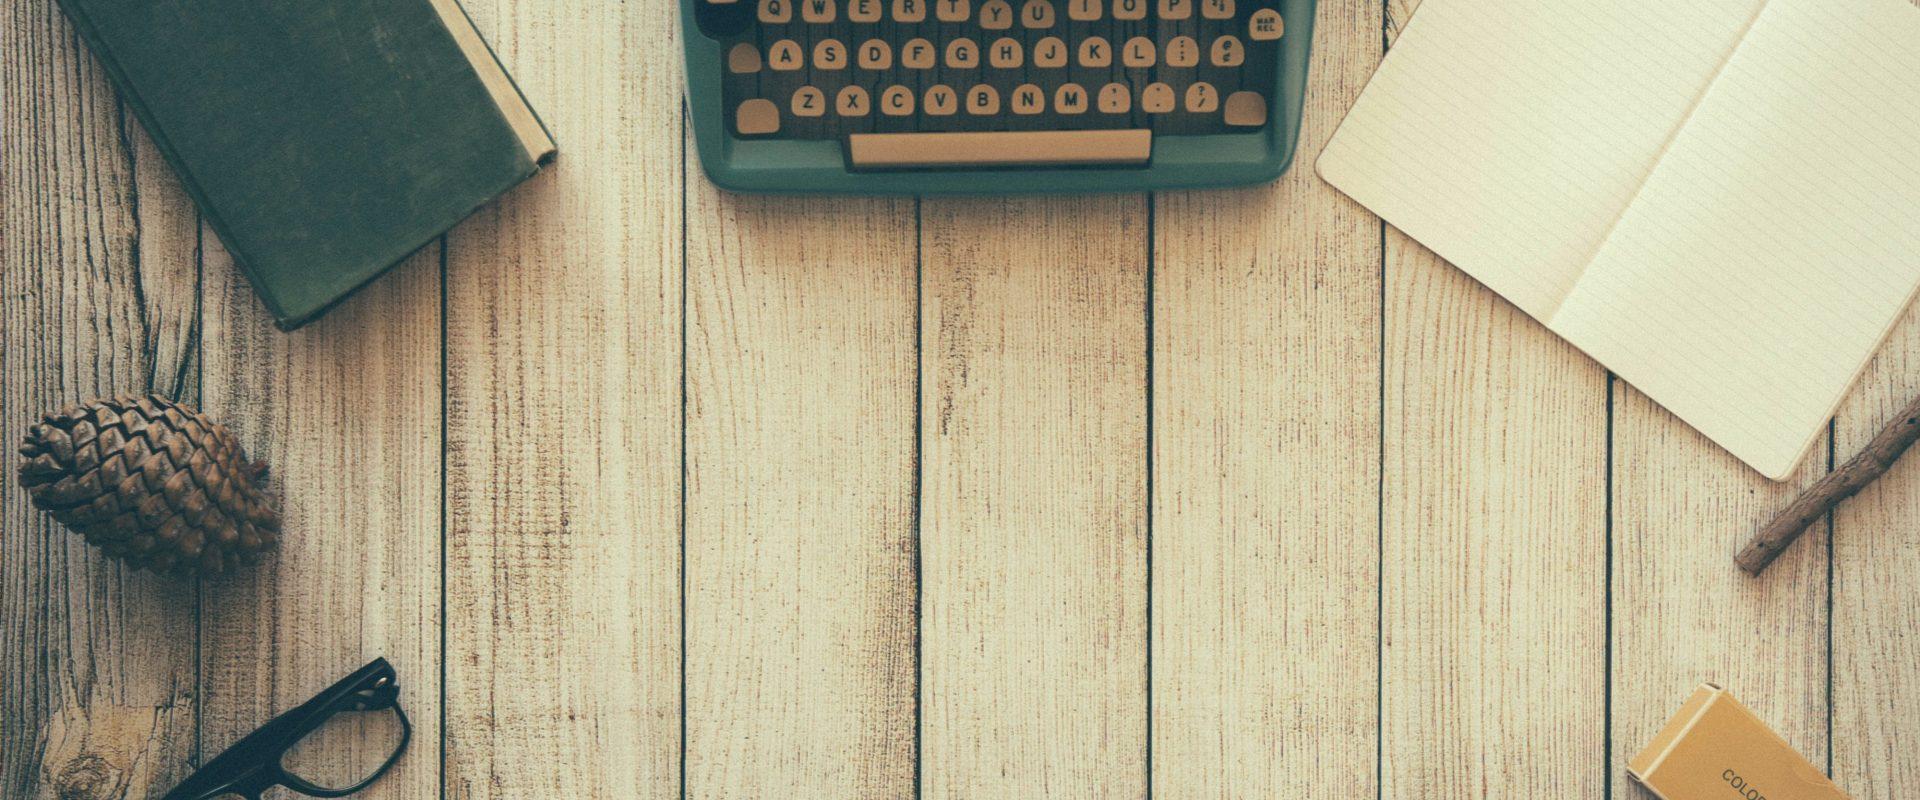 Typewriter © pixabay